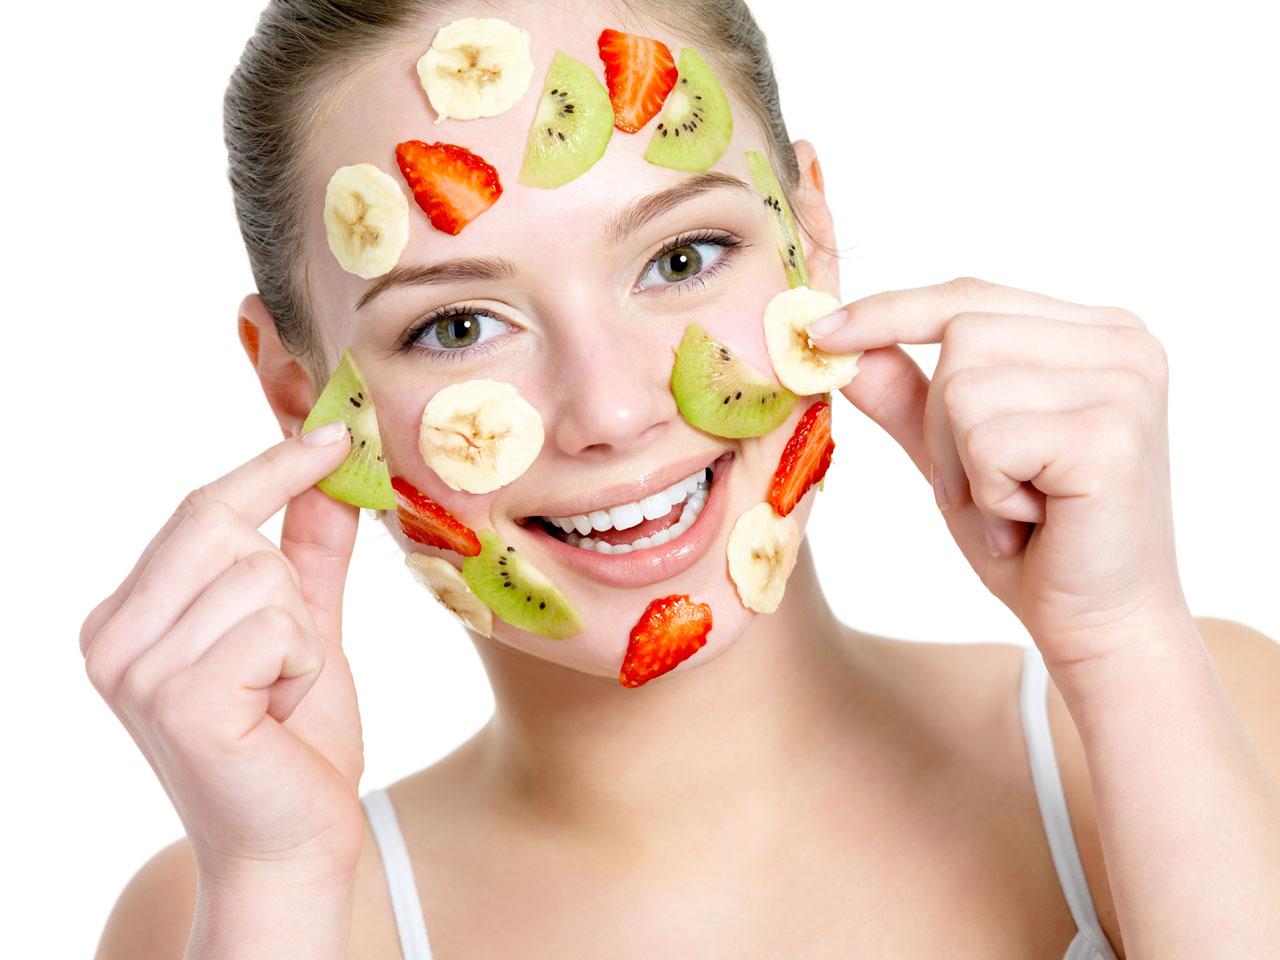 ویتامین A با سرکوب تولید رنگدانه ملانین در پوست موجب روشن شدن پوست میشود.